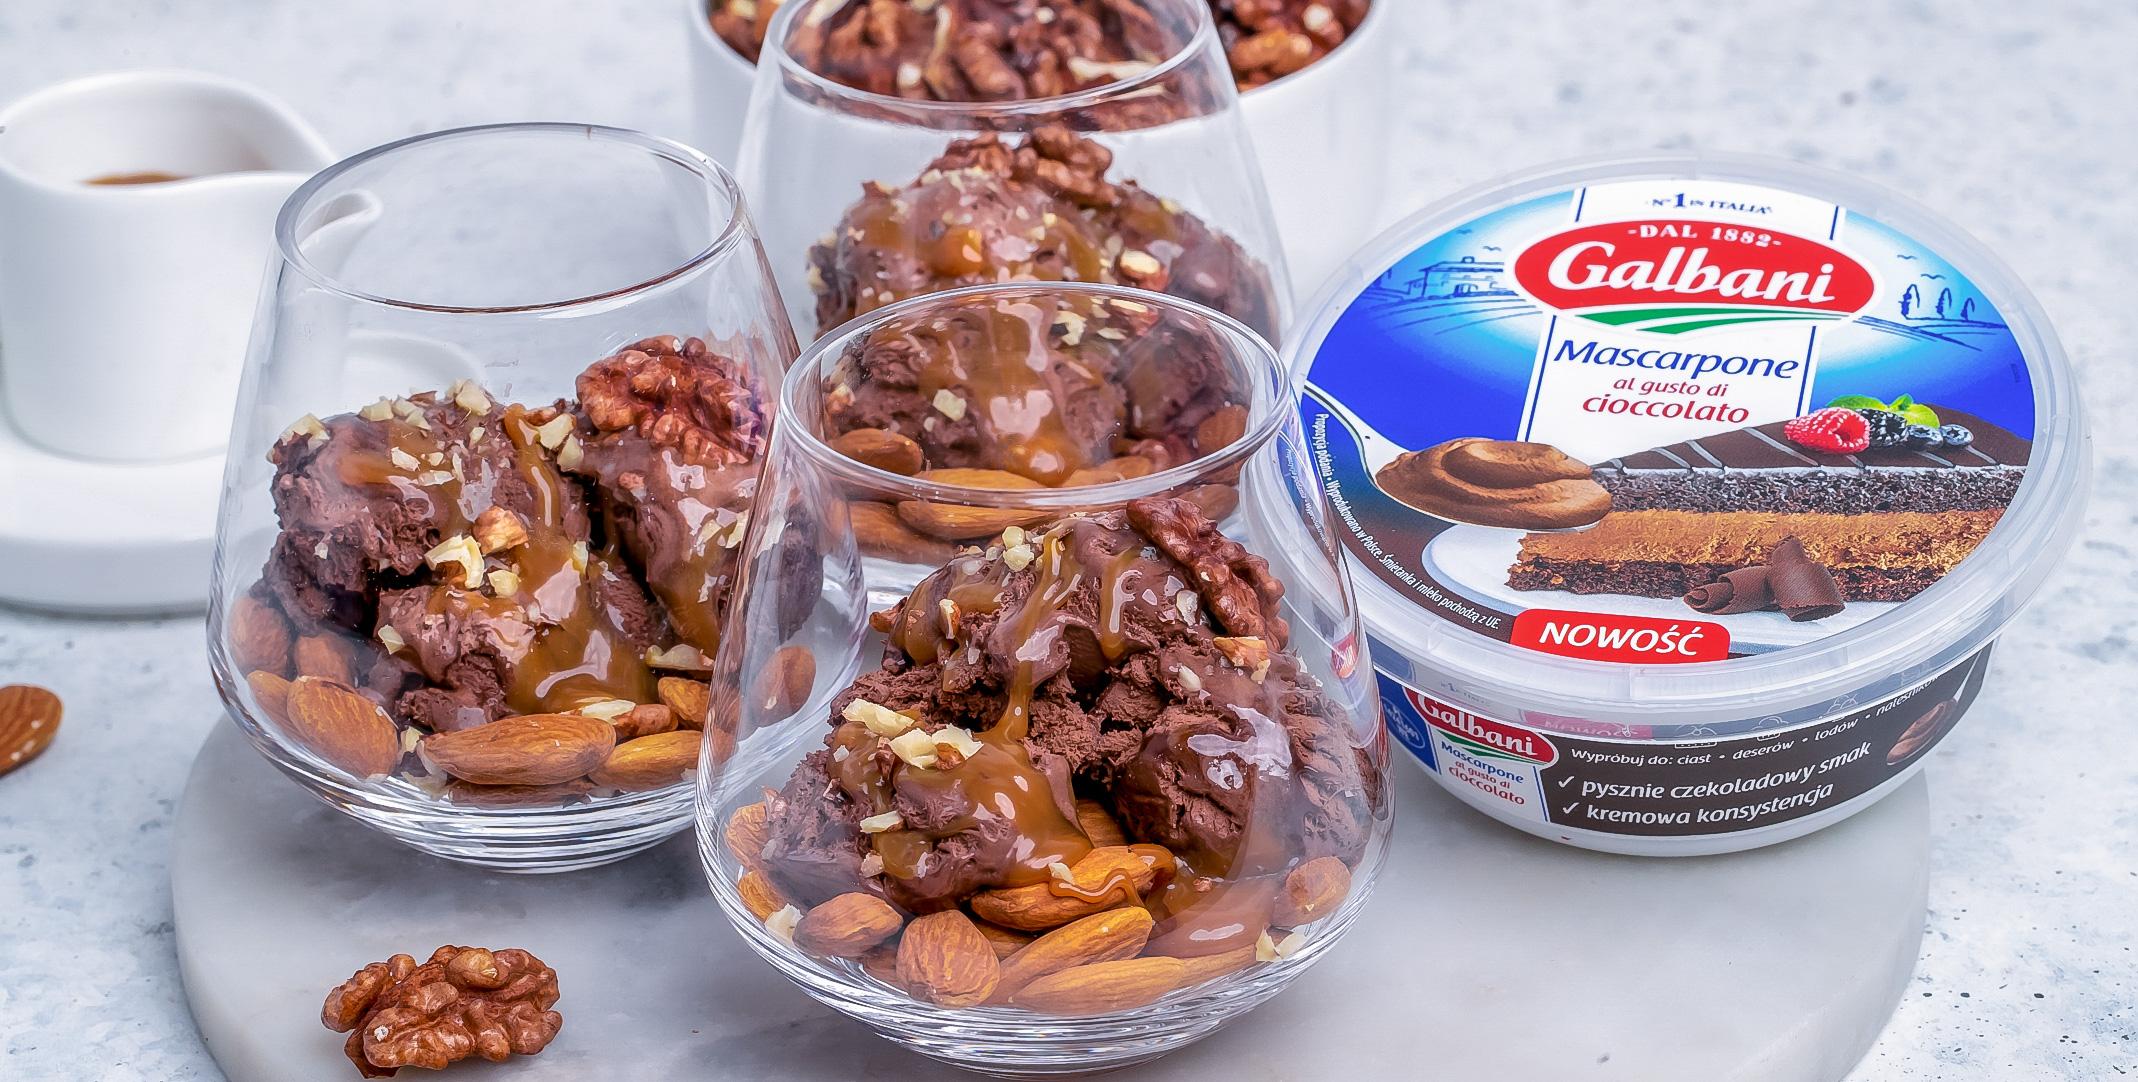 Mascarpone Galbani al gusto di cioccolato - Galbani – od ponad 130 lat dostarczamy najlepsze włoskie smaki na talerze całego świata